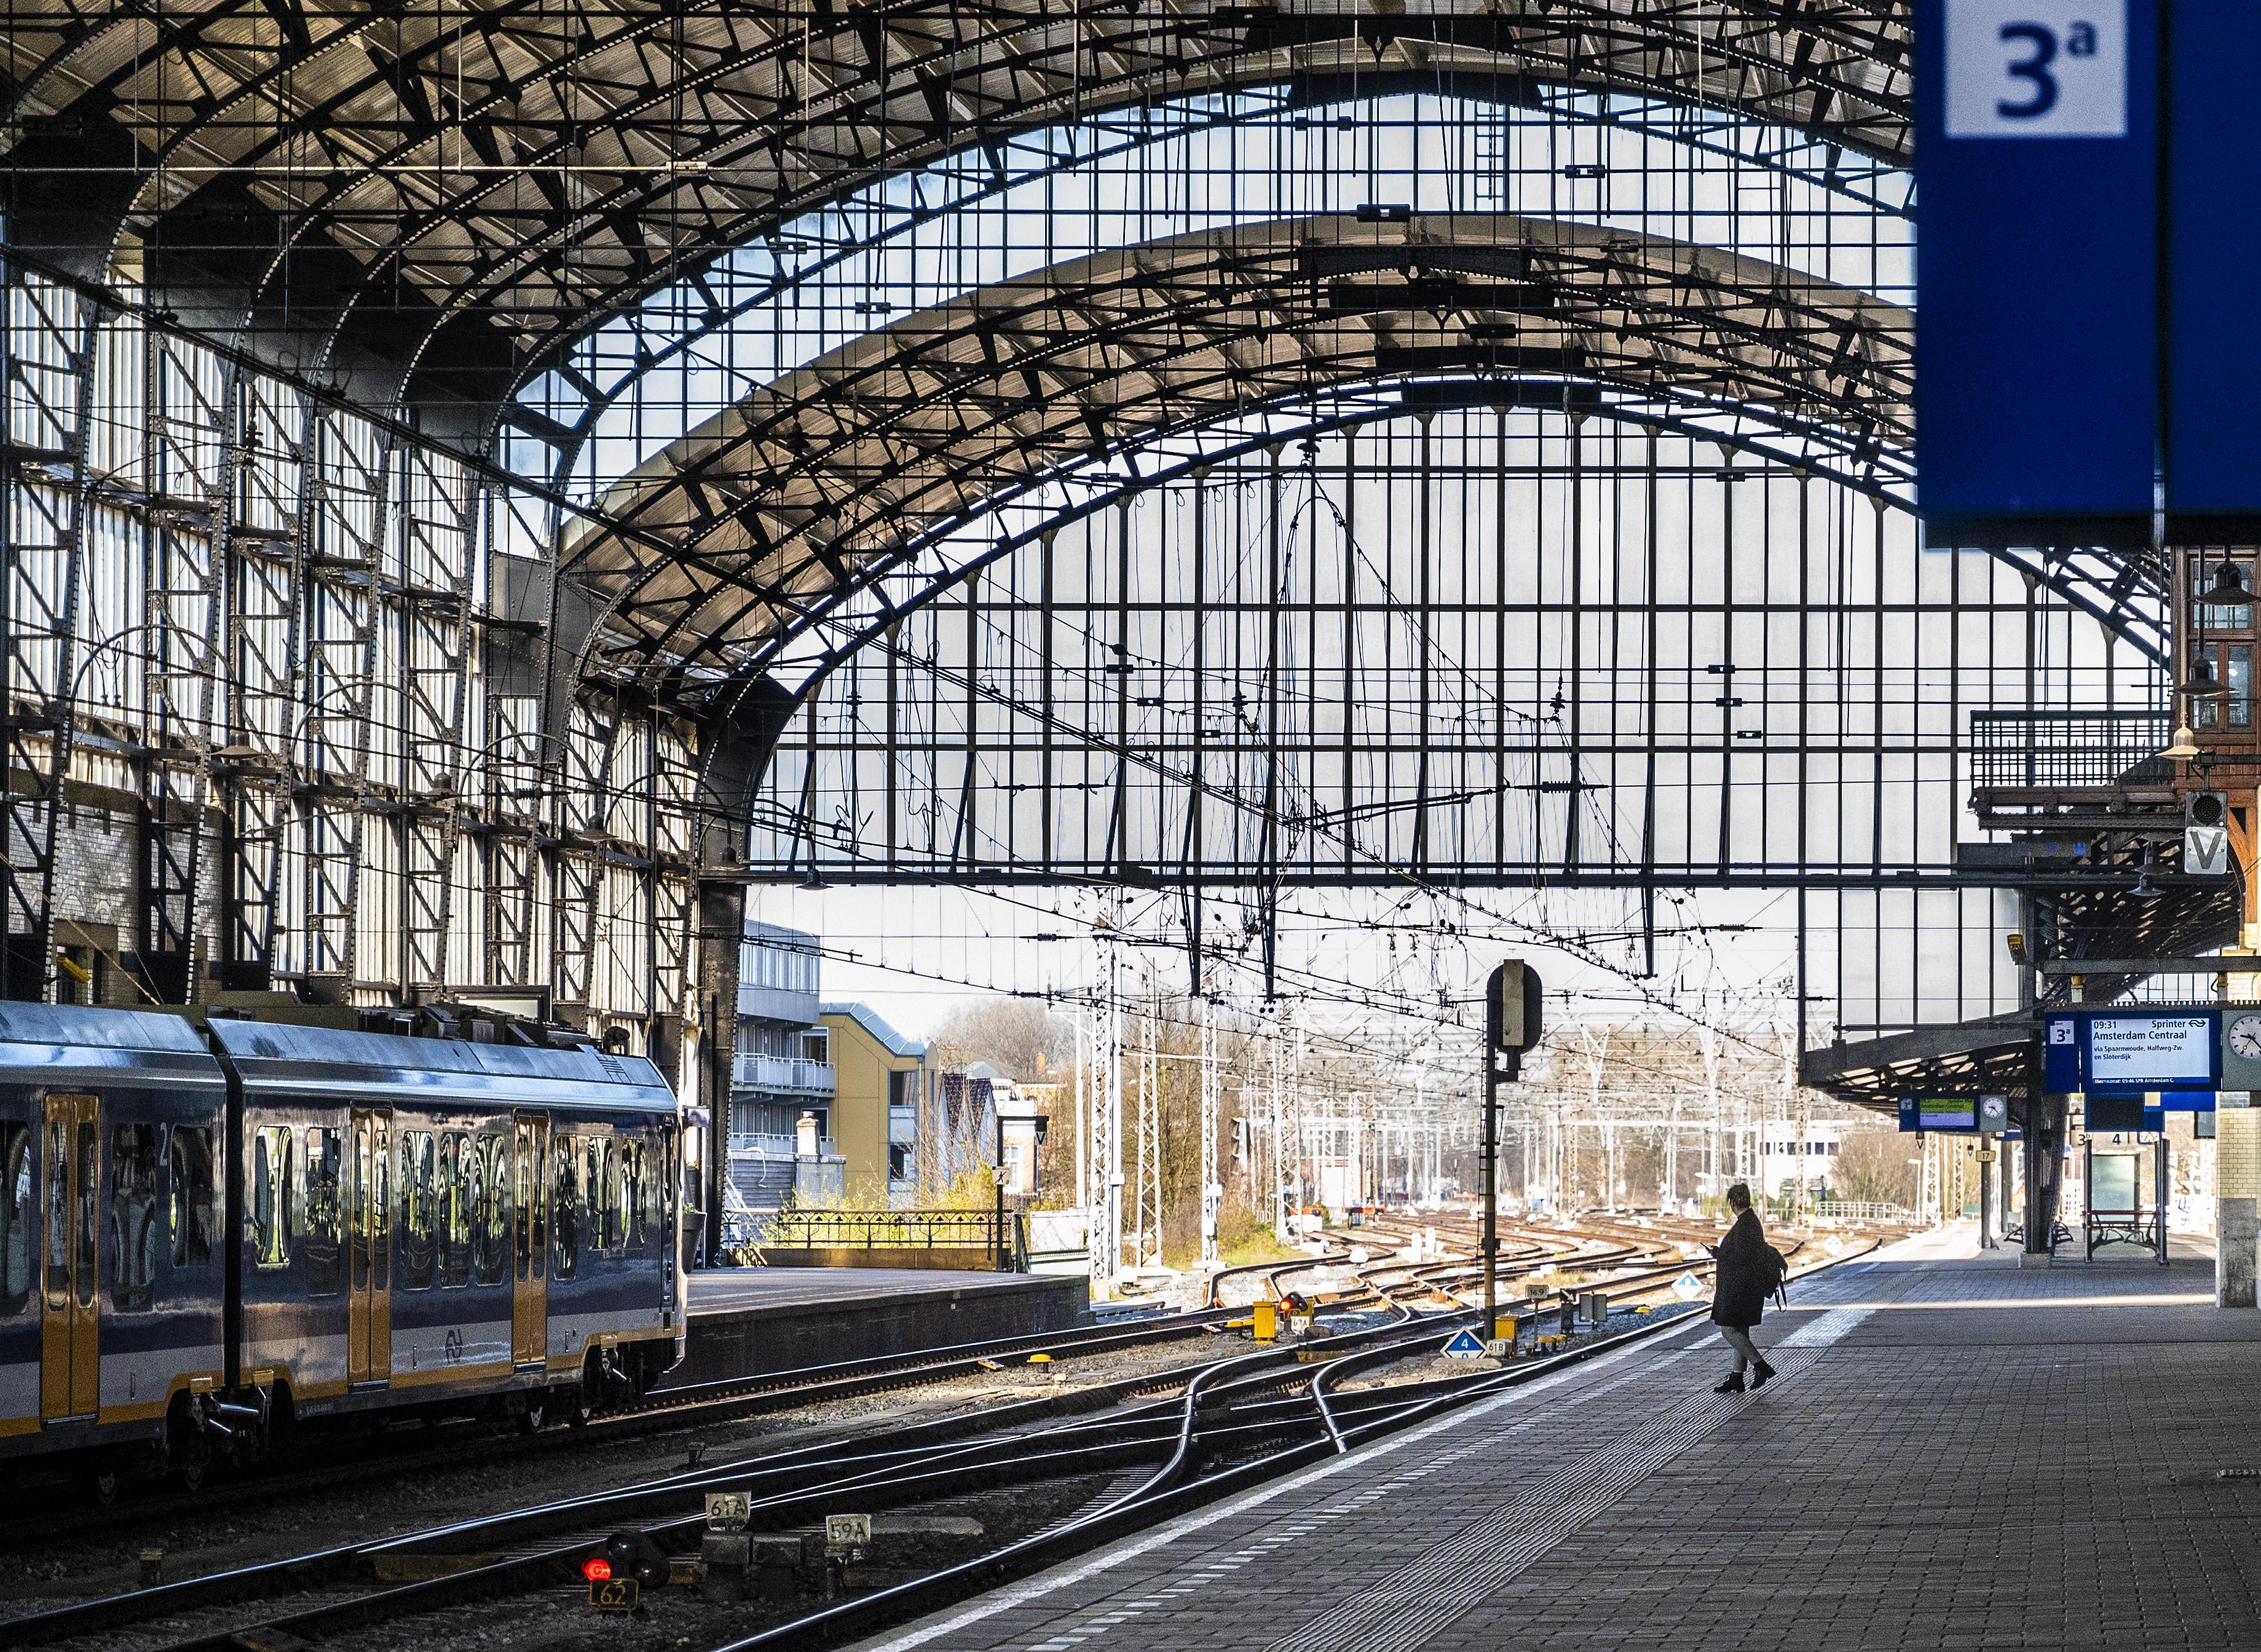 Komst van zonnepanelen op dak van station Haarlem blijft voorlopig onzeker: 'Niet haalbaar op korte termijn'